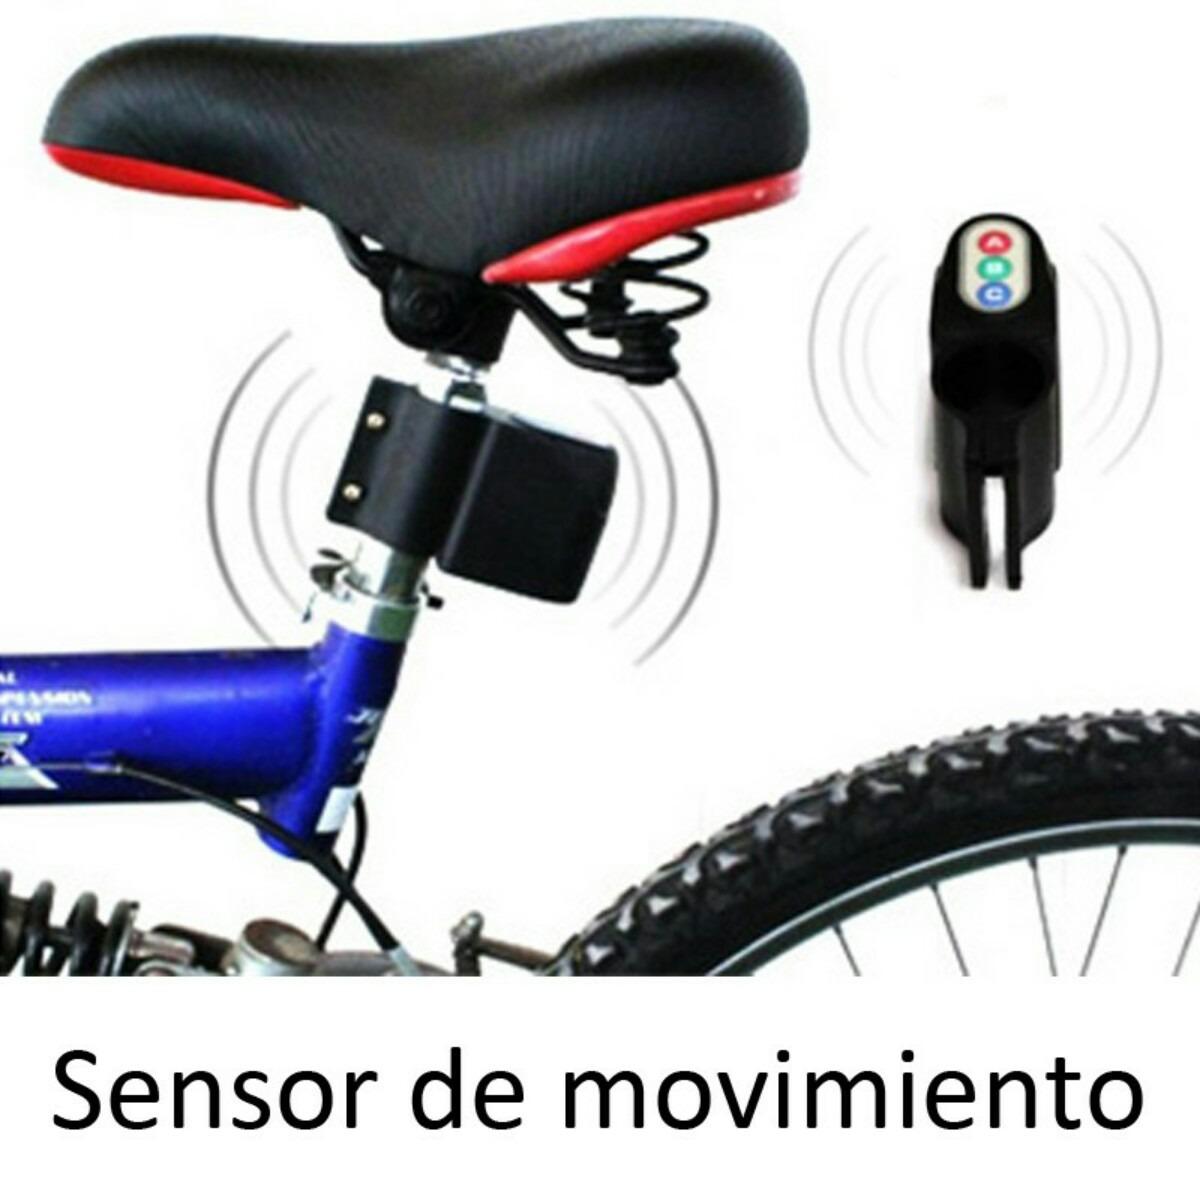 Alarma para bicicleta con sensor de movimiento s 50 00 - Sensores de movimiento con alarma ...